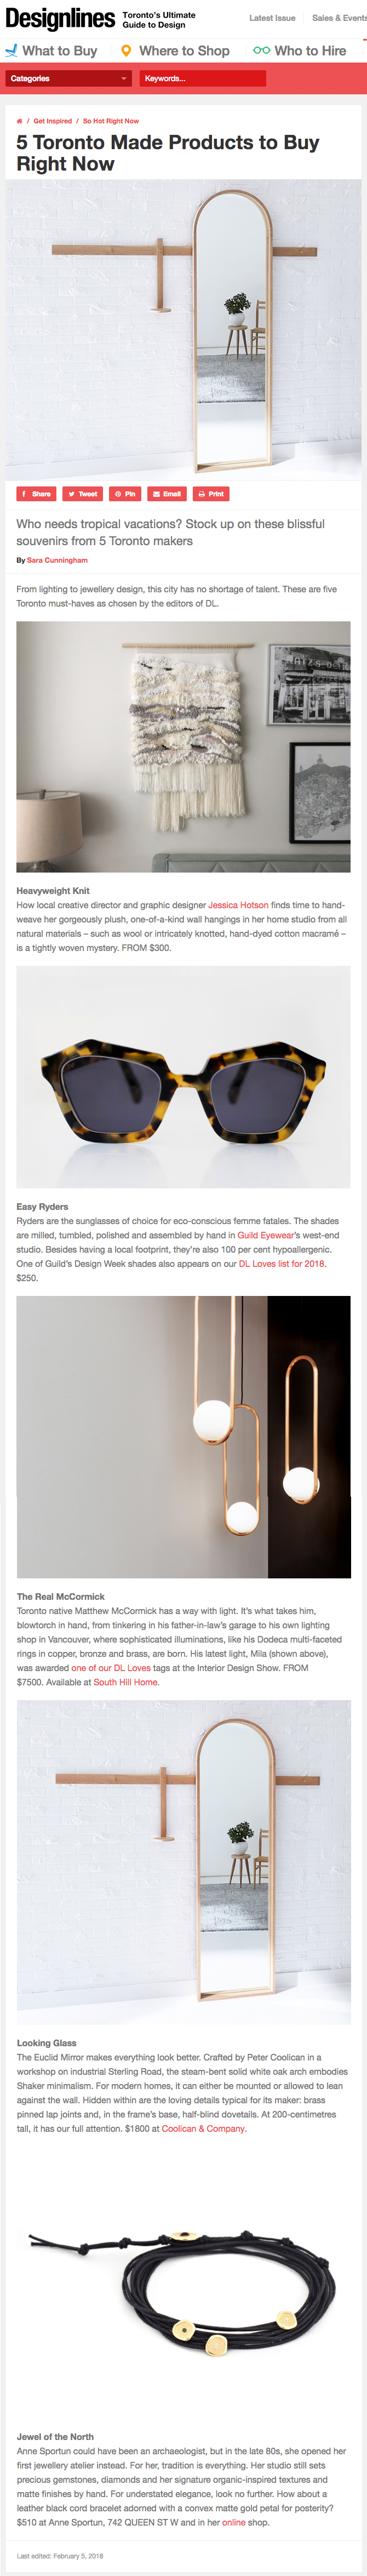 Anne Sportun featured on  Designlines Magazine .